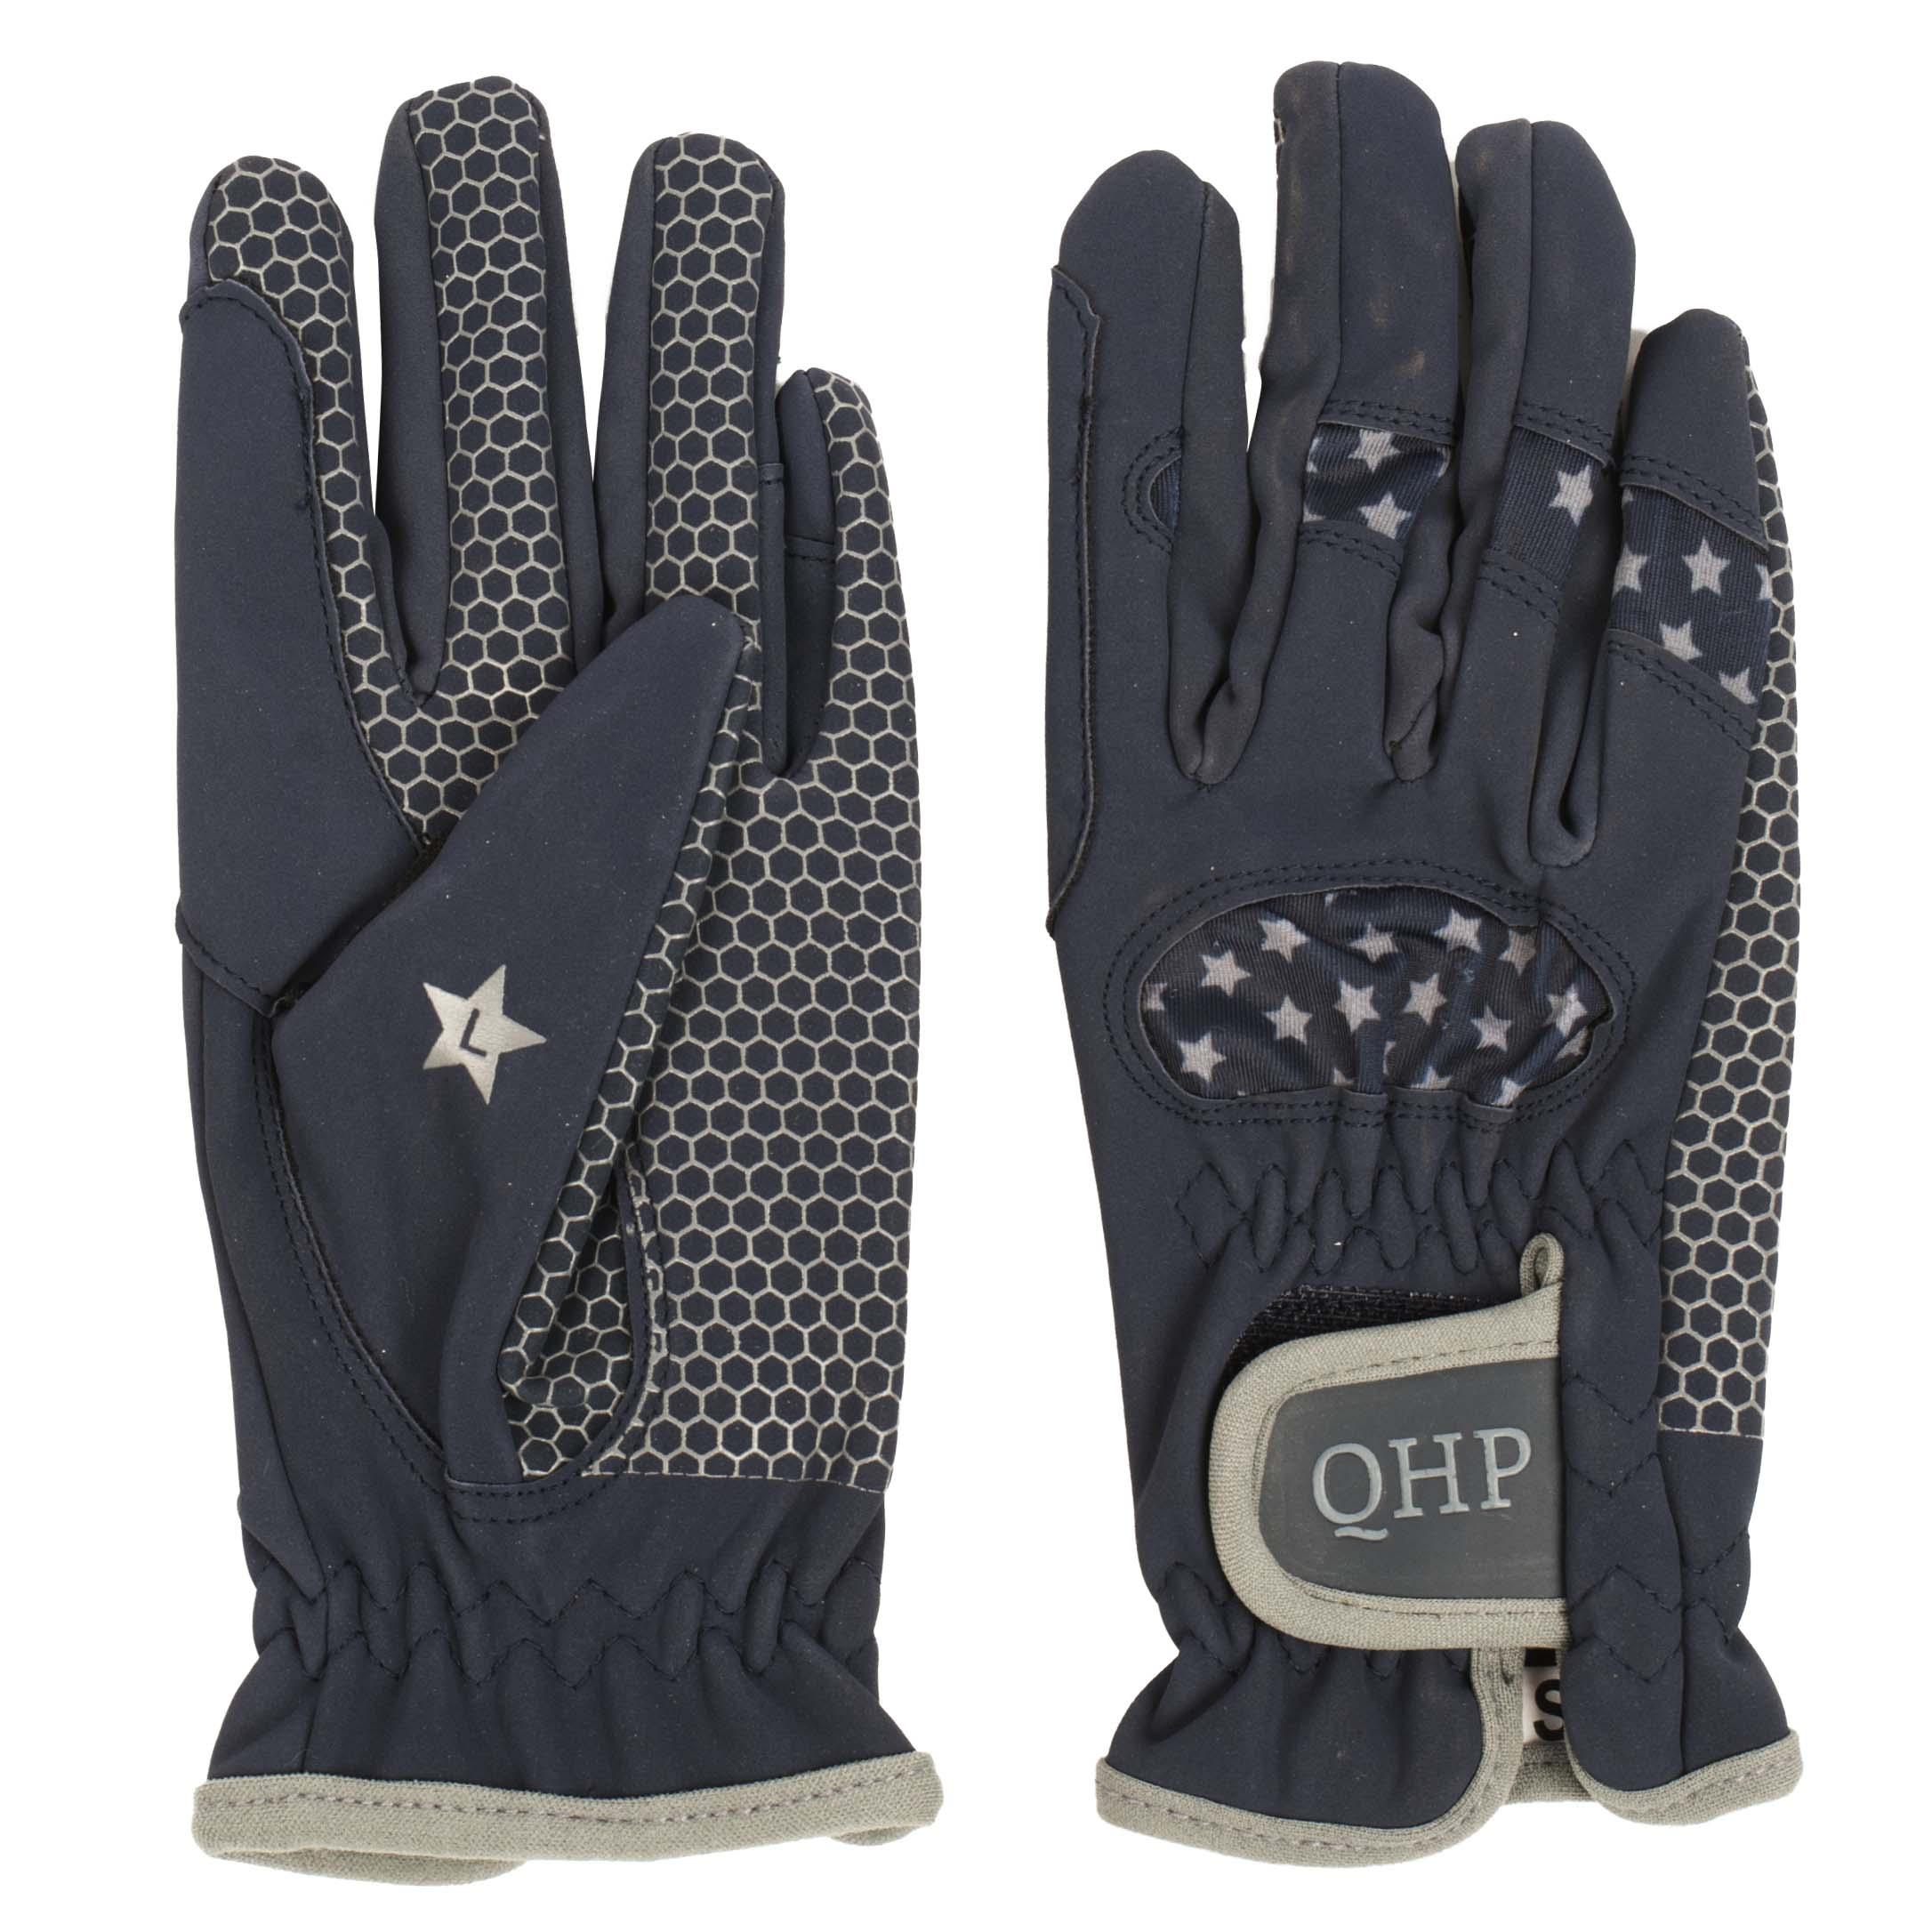 QHP Multi Star kinder handschoenen donkerblauw maat:2